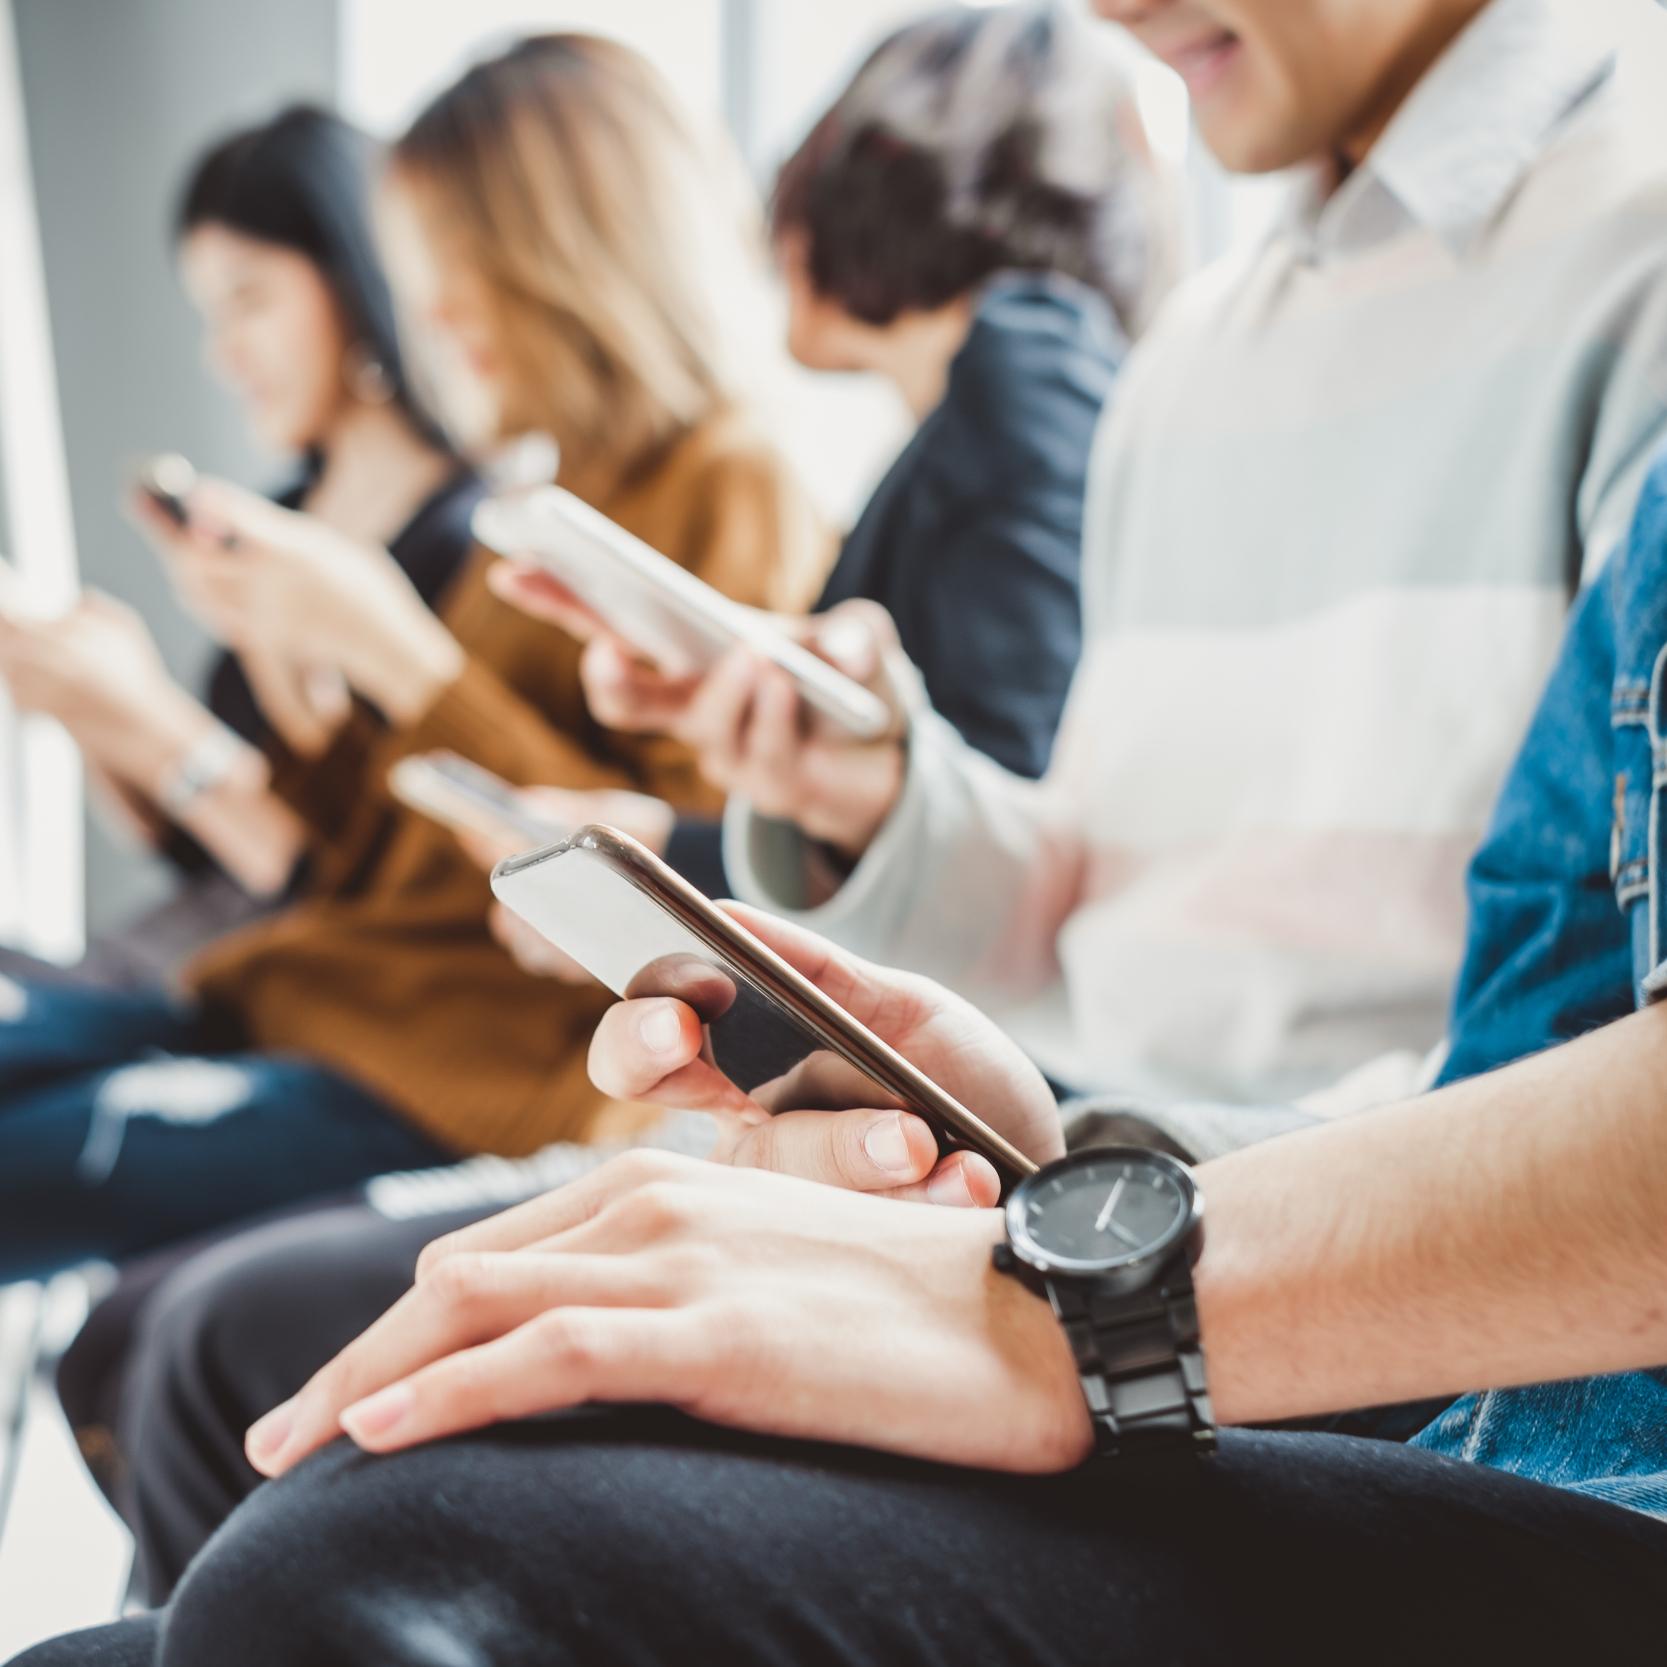 La mission locale de Limoges vise l'autonomie par le numérique